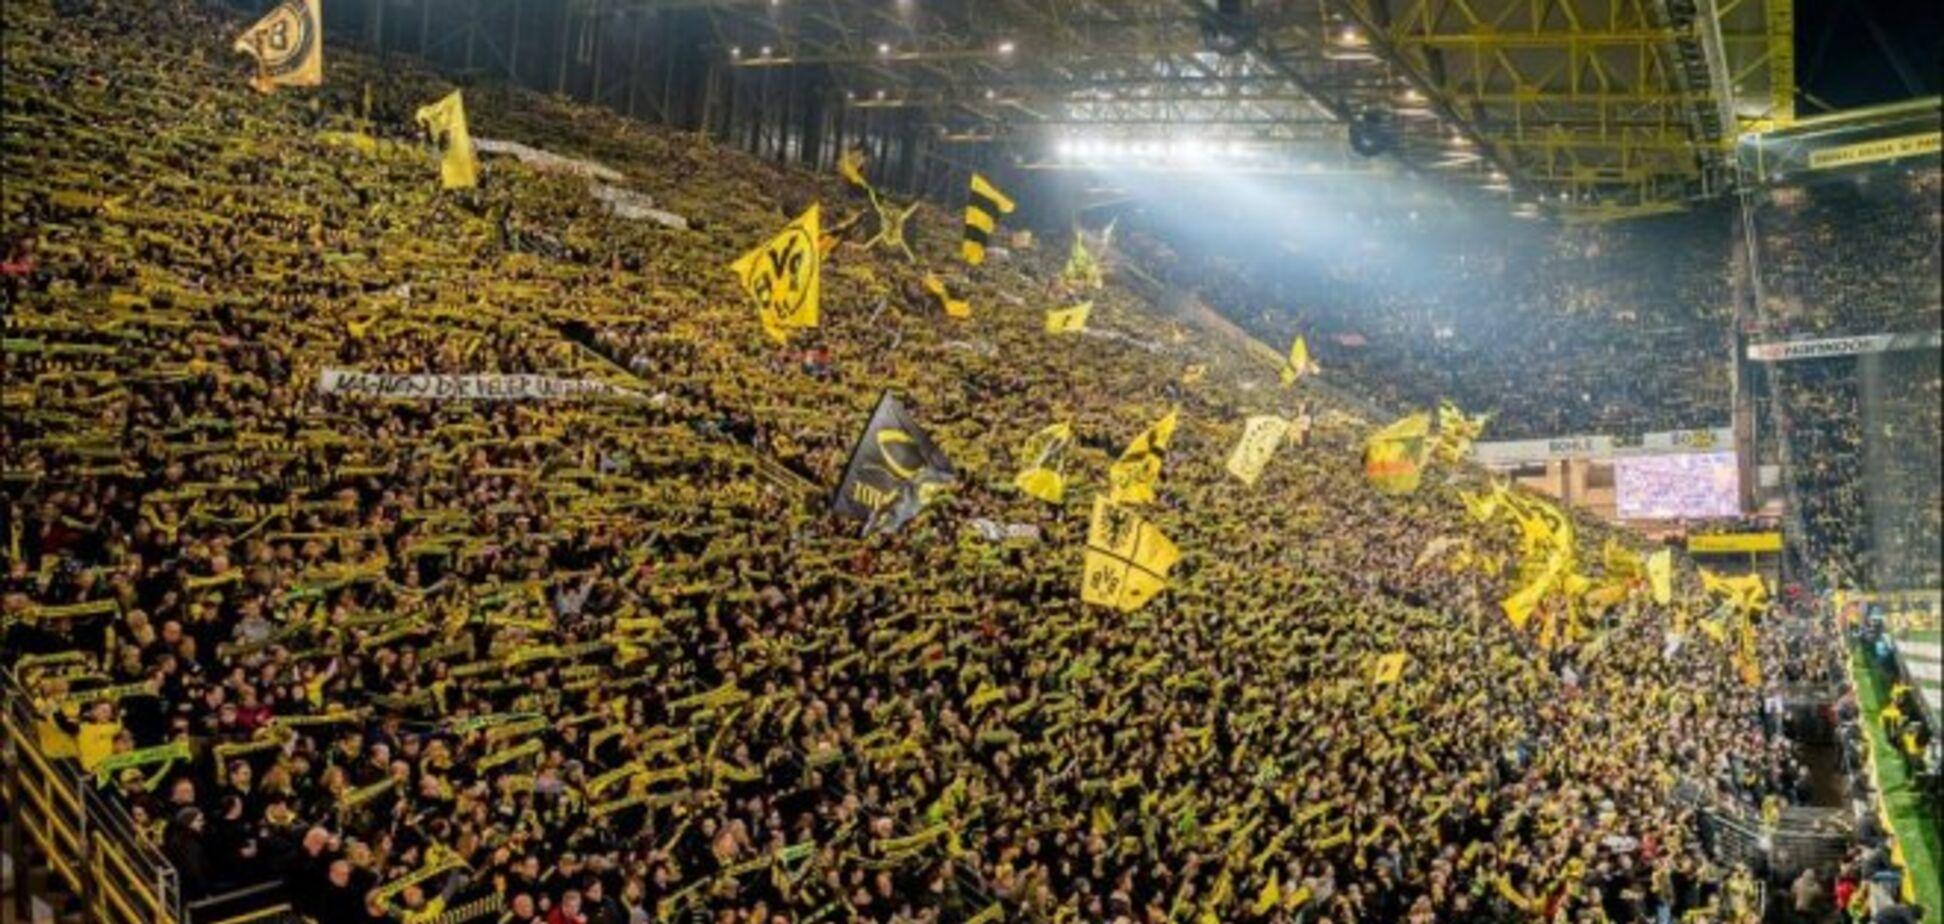 'Будут игнорировать': фанаты 'Боруссии' Ярмоленко устроили бойкот